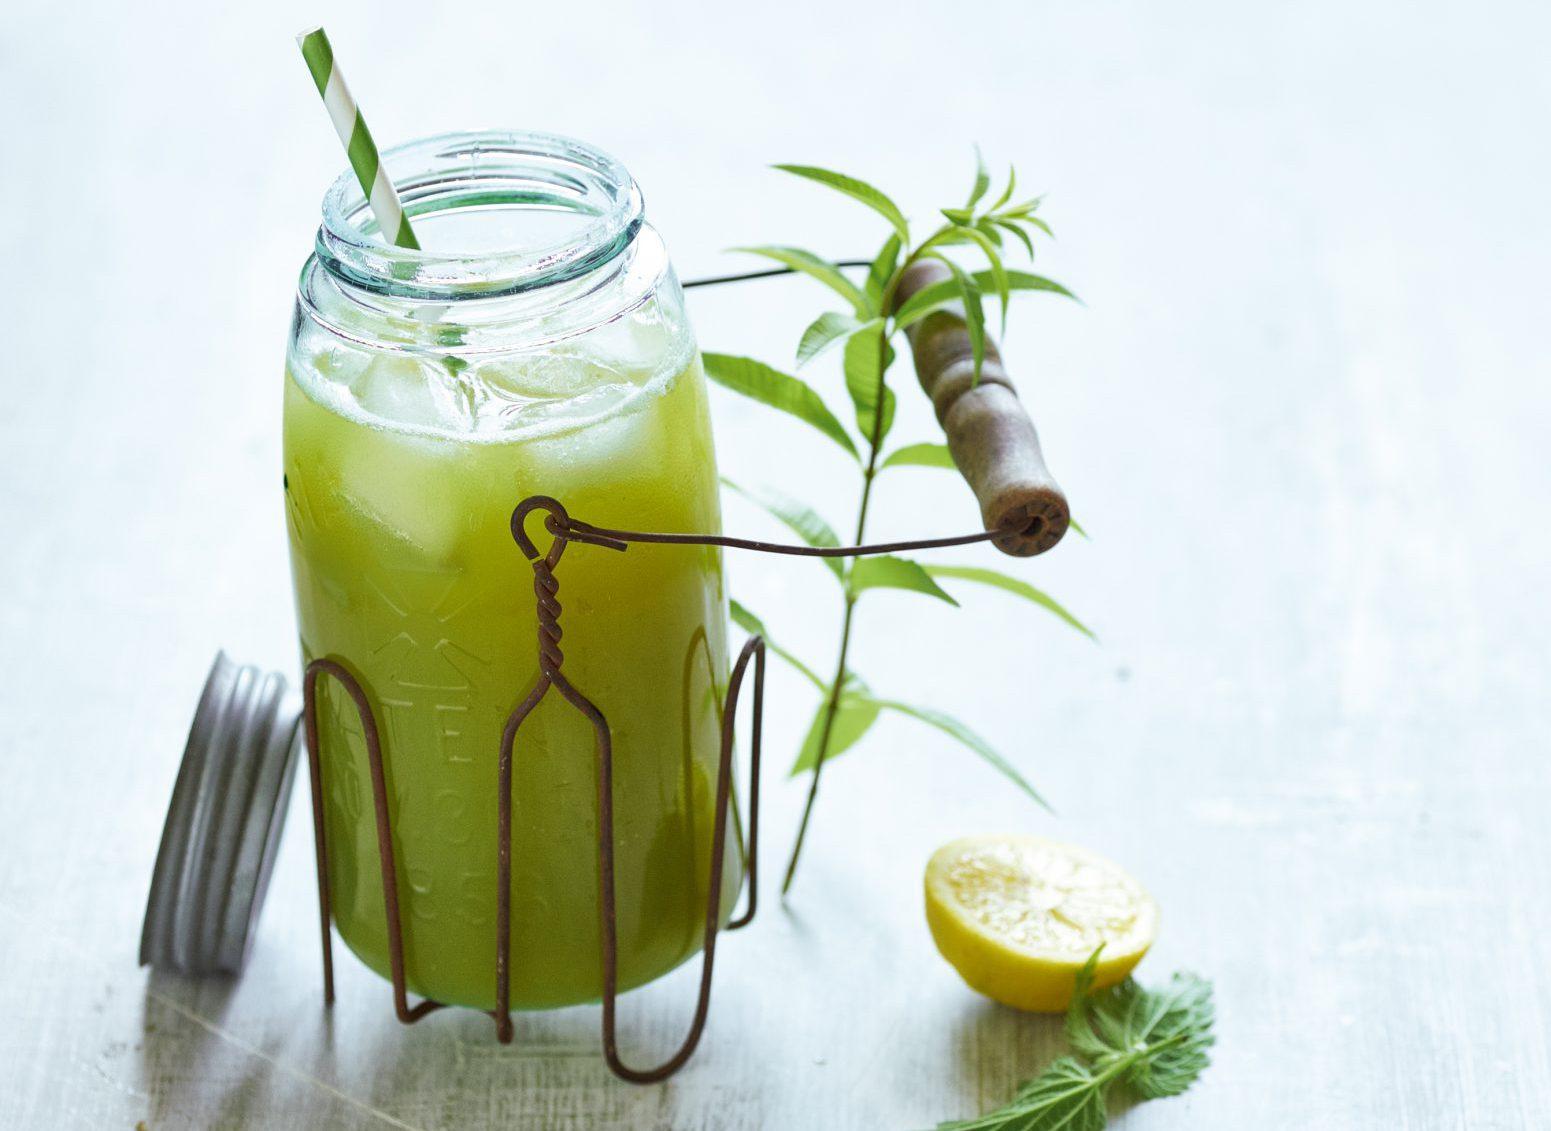 Edel-Getränk aus dem Garten: Brennnesselsaft